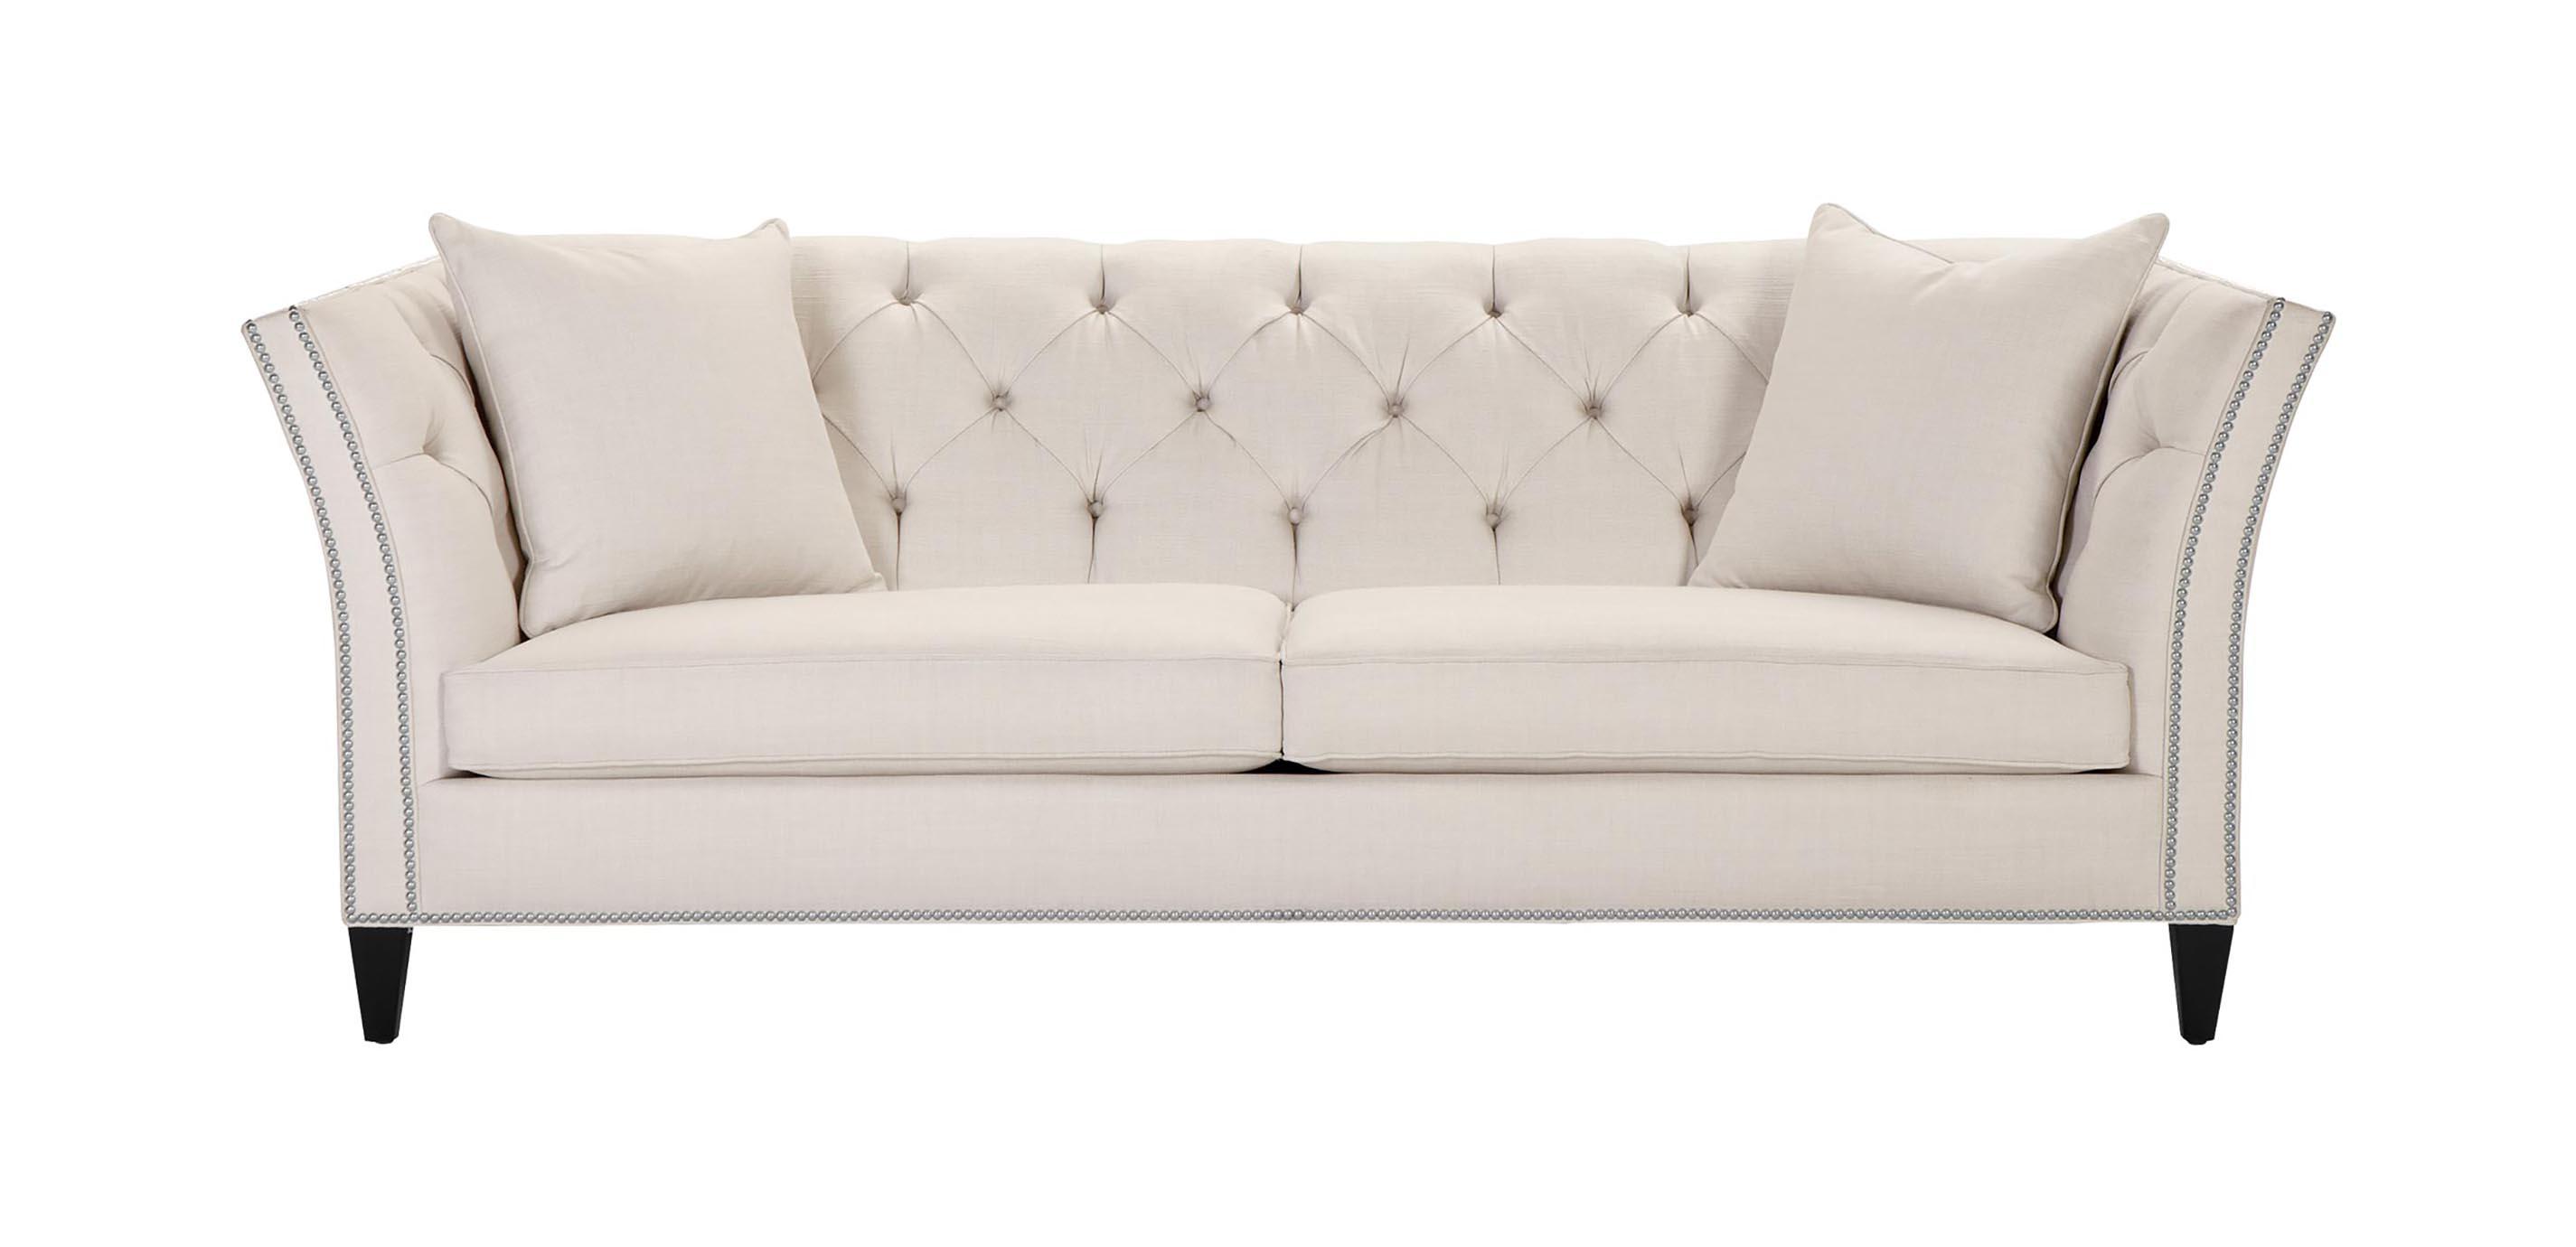 Shelton Sofa Quick Ship Sofas, Ethan Allen Furniture